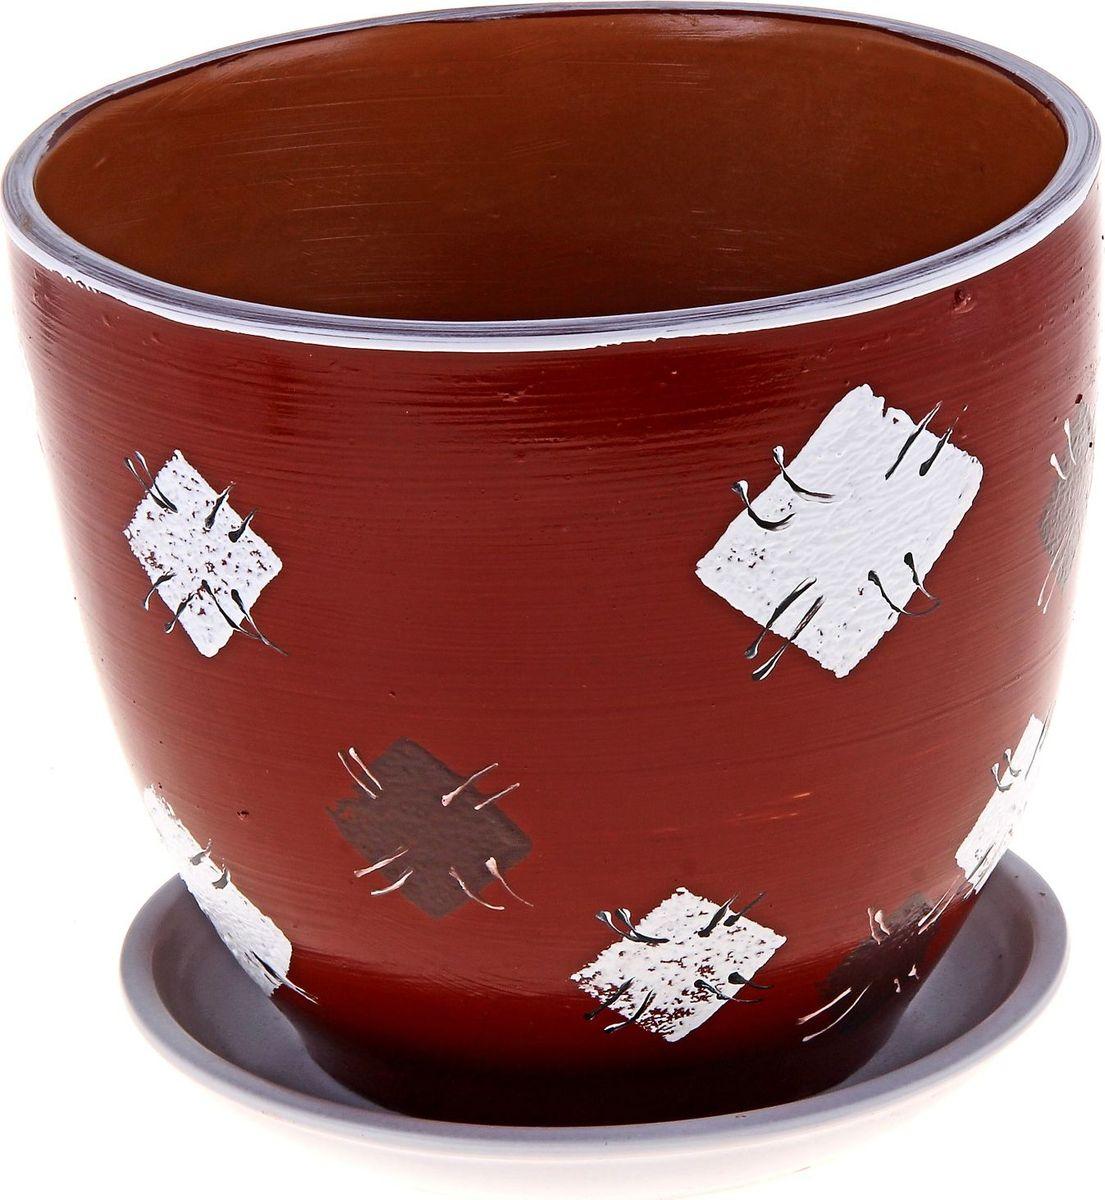 """Декоративное кашпо """"Лоскуток"""", выполненное из высококачественной керамики, предназначено для посадки декоративных растений и станет прекрасным украшением для дома. Благодаря своему дизайну впишется в любой интерьер помещения."""